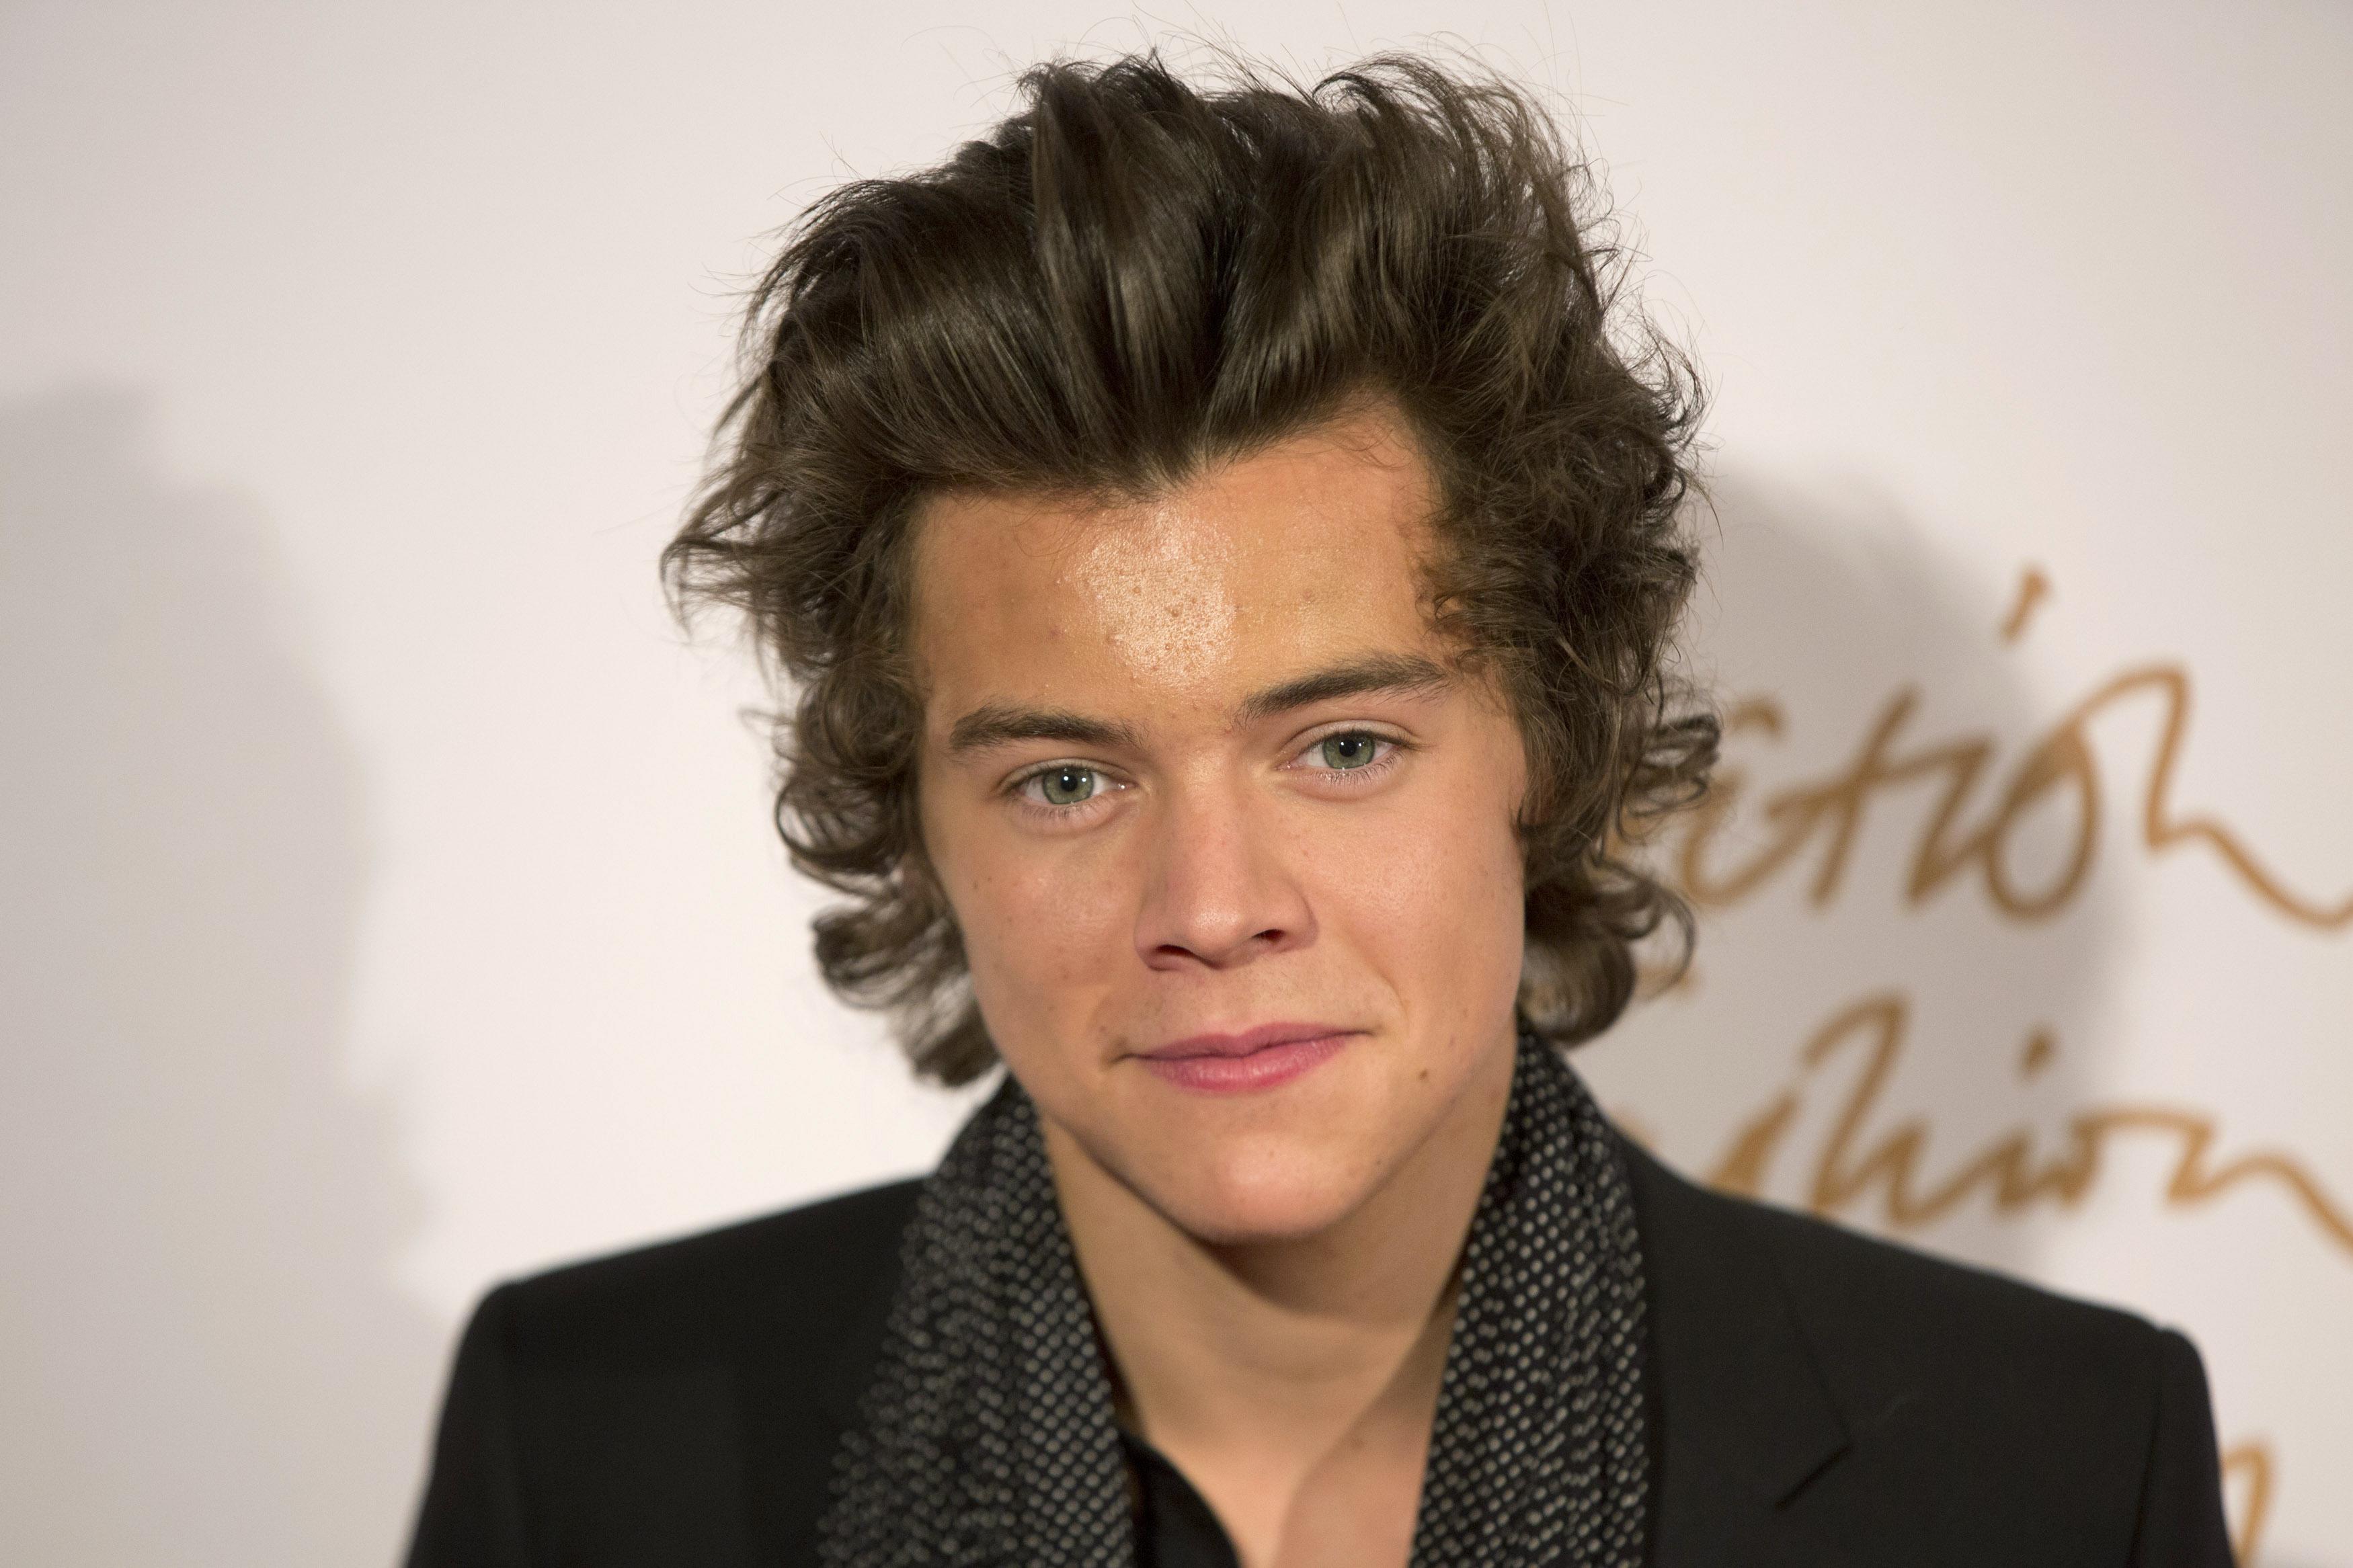 Harry Styles HD